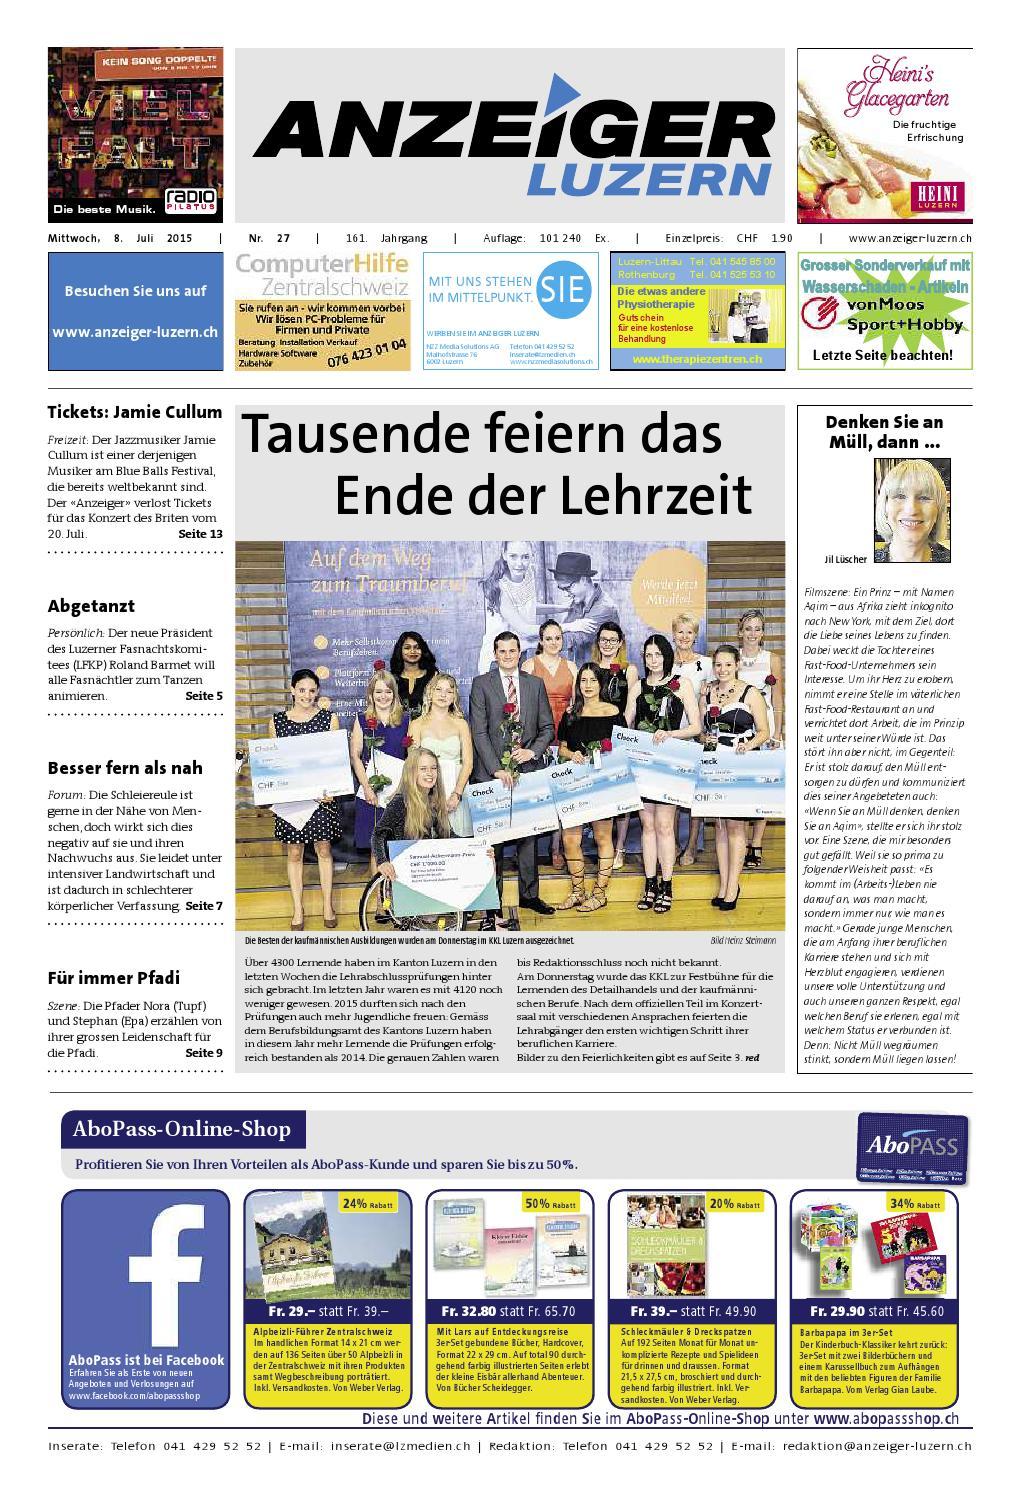 Zahnrzte in Aargau - 52 Treffer auf shopwitease.com